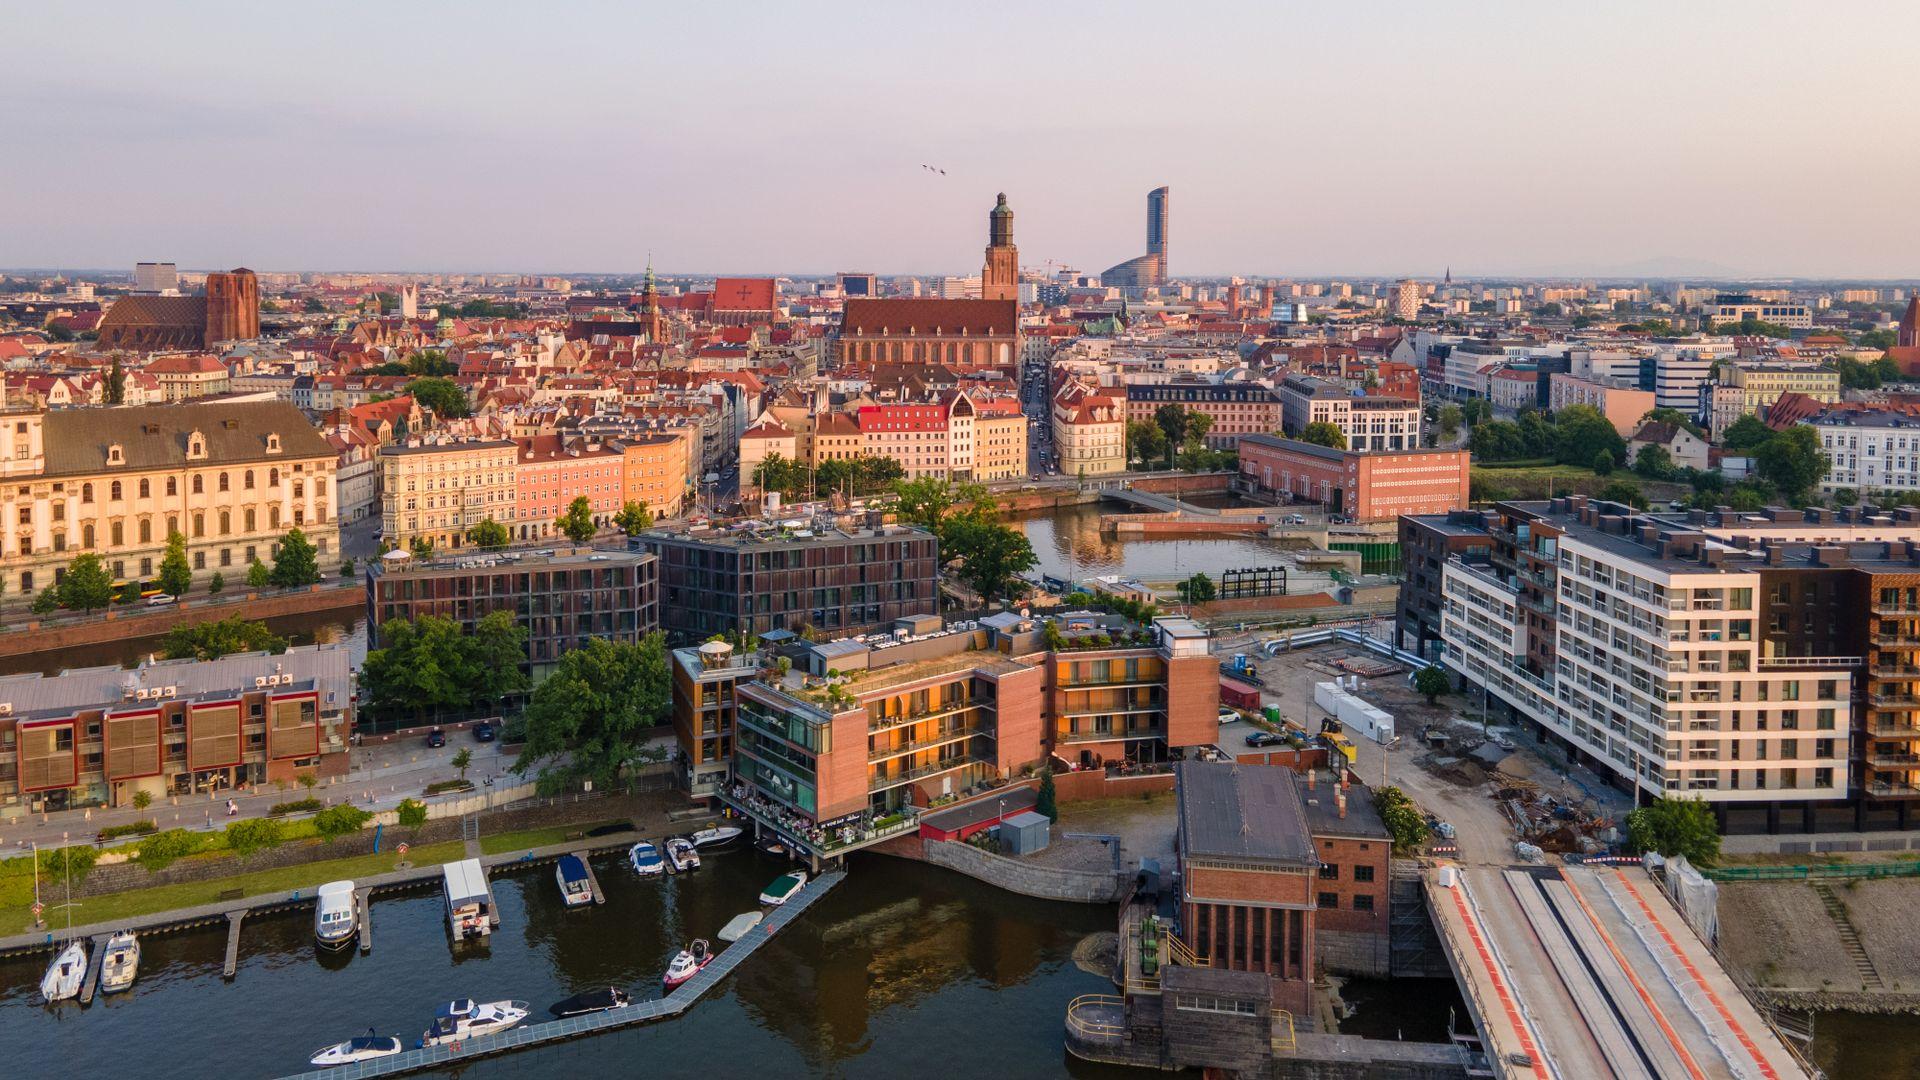 Wzrost cen mieszkań w Polsce przyspiesza po pandemicznym spowolnieniu